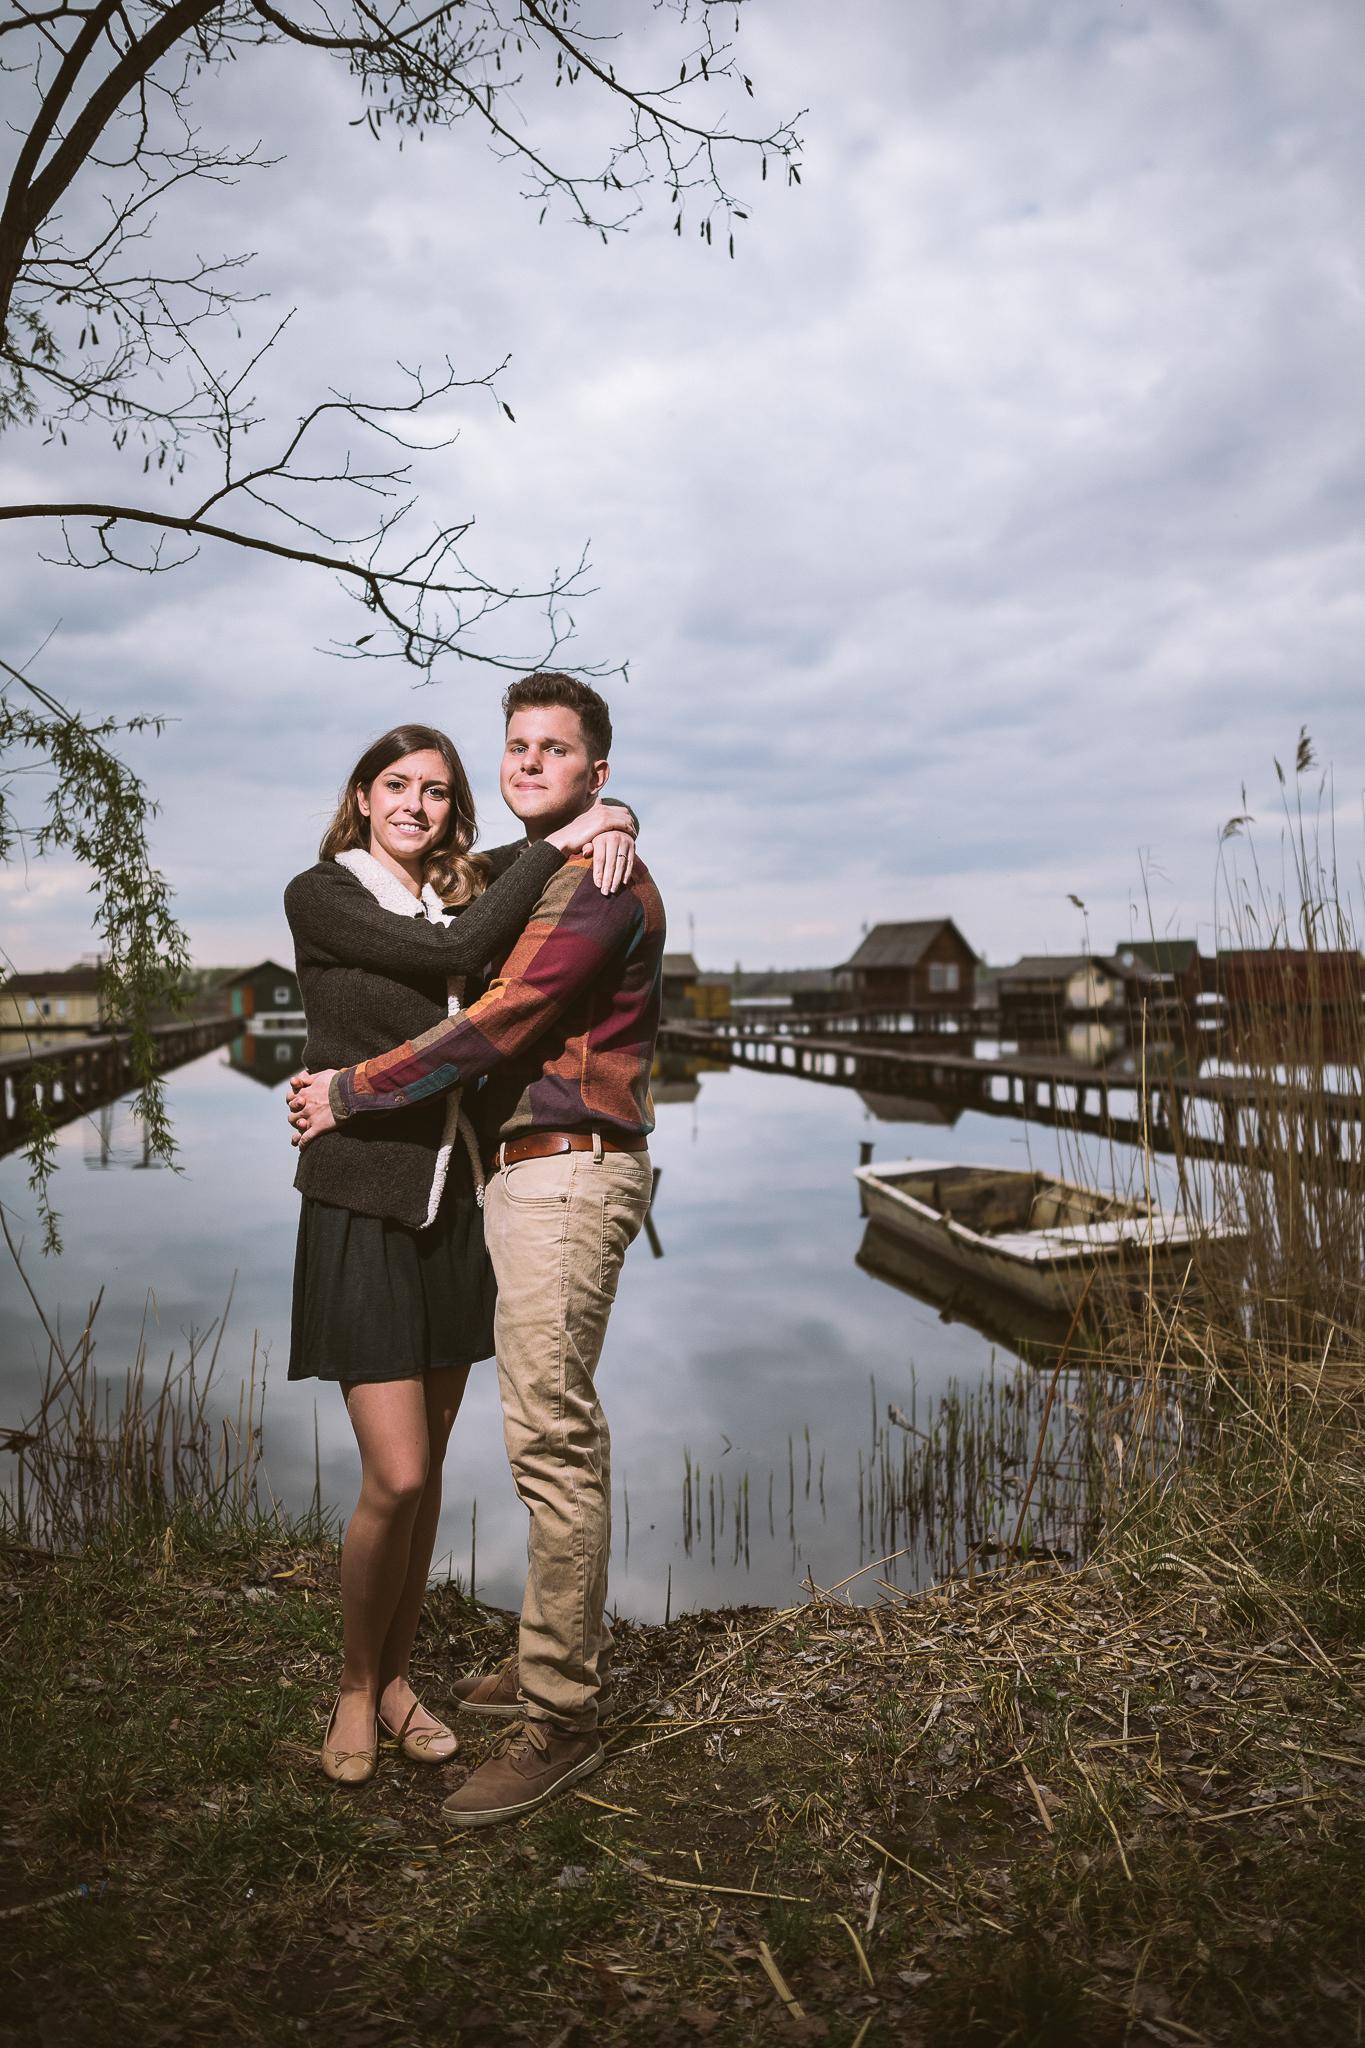 FylepPhoto, esküvőfotózás, magyarország, esküvői fotós, vasmegye, prémium, jegyesfotózás, Fülöp Péter, körmend, kreatív, Bokod, Budapest 39.jpg